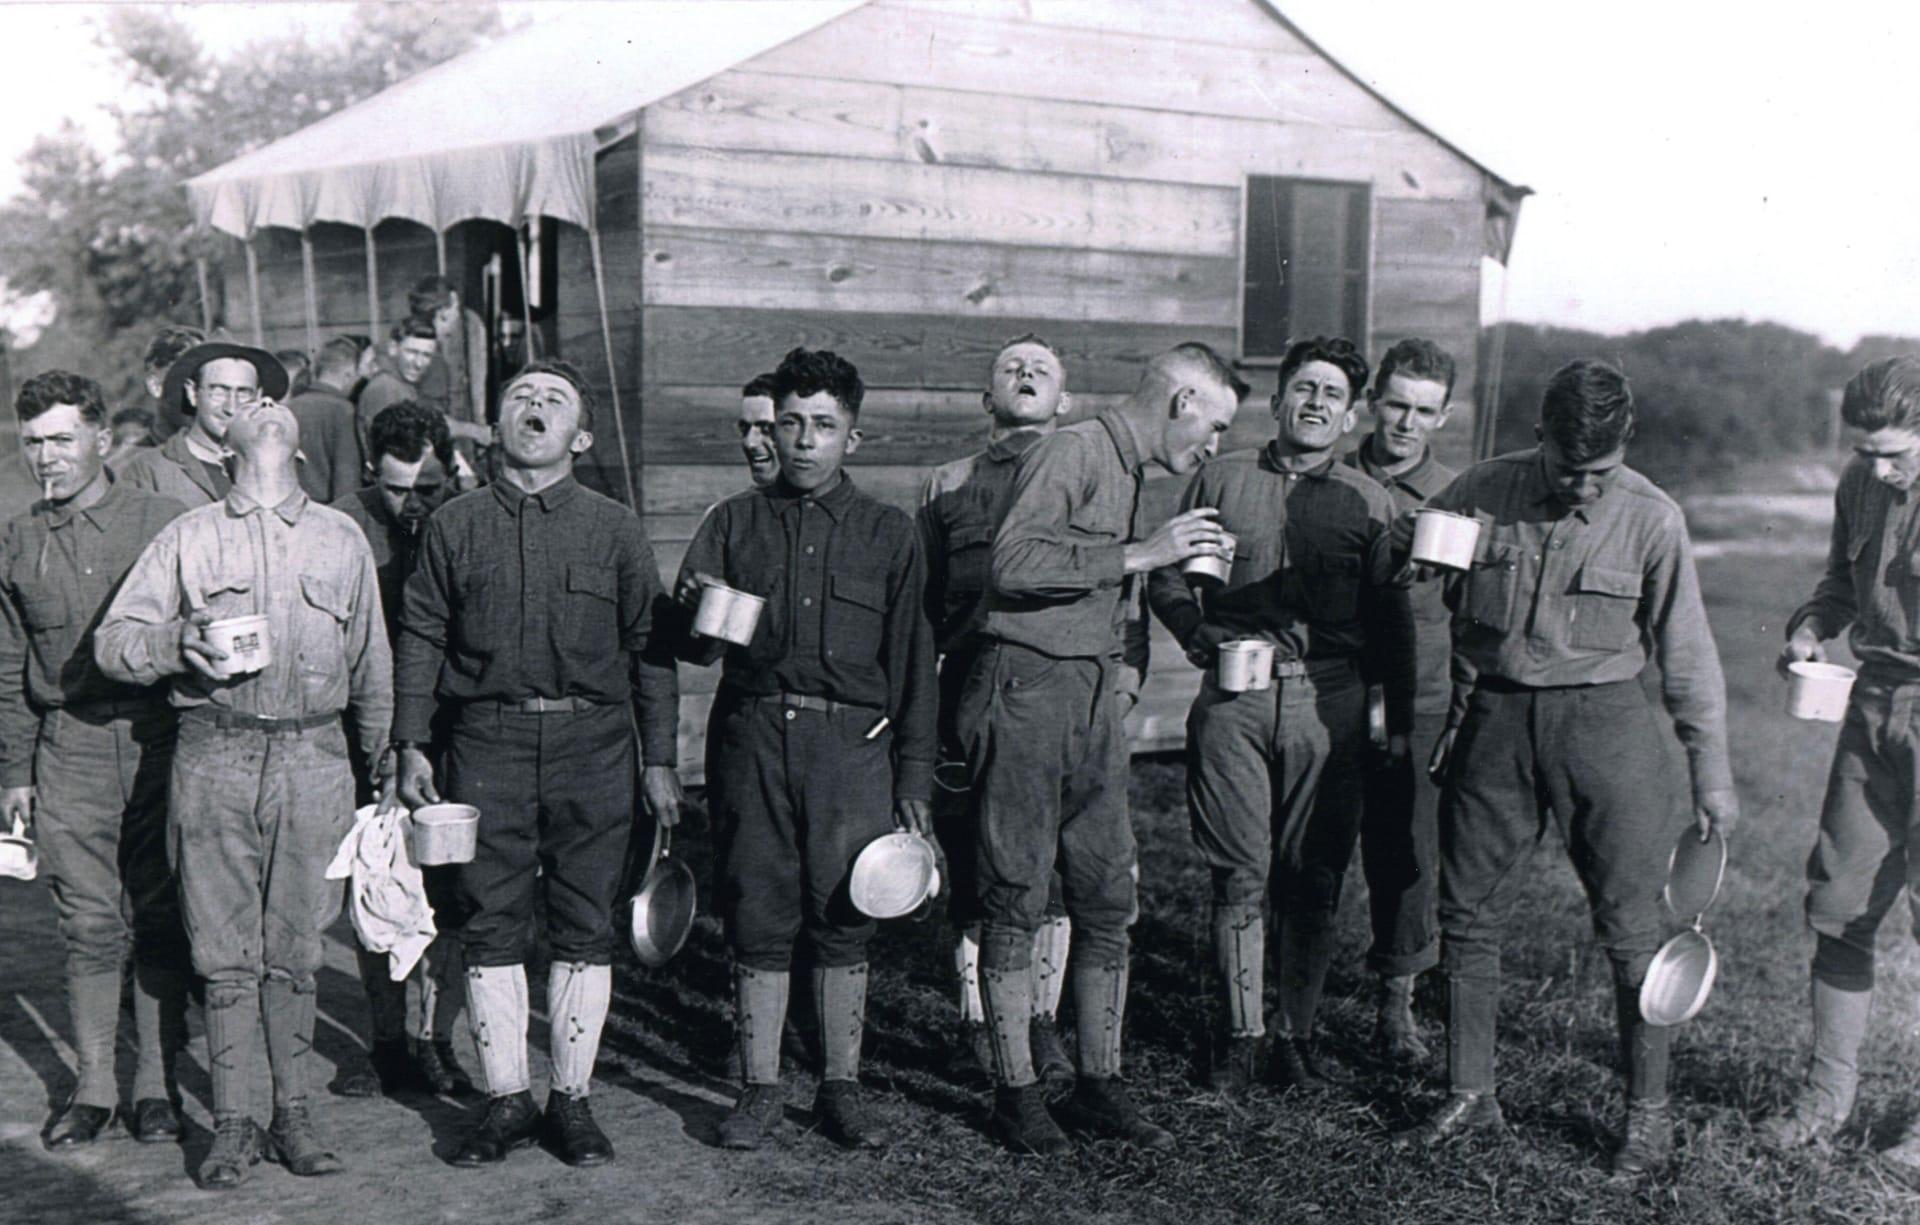 إراقة الدماء وأبخرة الغاز..علاجات المشعوذين لإنفلونزا عام 1918